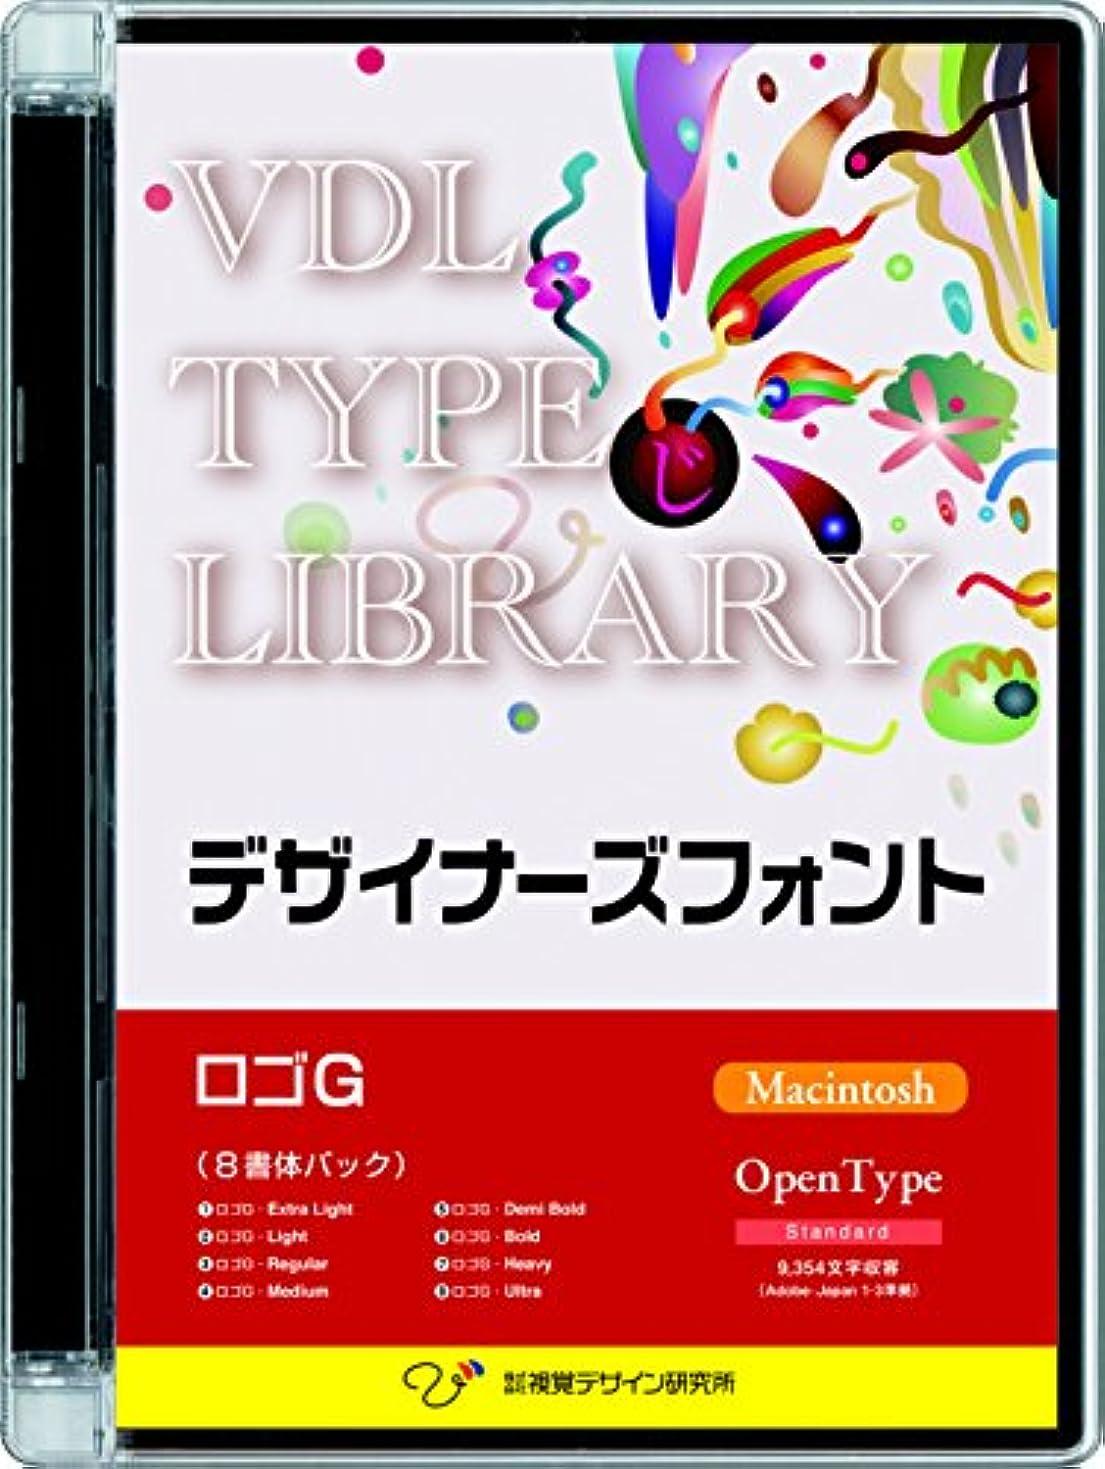 いらいらするブロンズ限られたVDL TYPE LIBRARY デザイナーズフォント OpenType (Standard) Macintosh ロゴG ファミリーパック